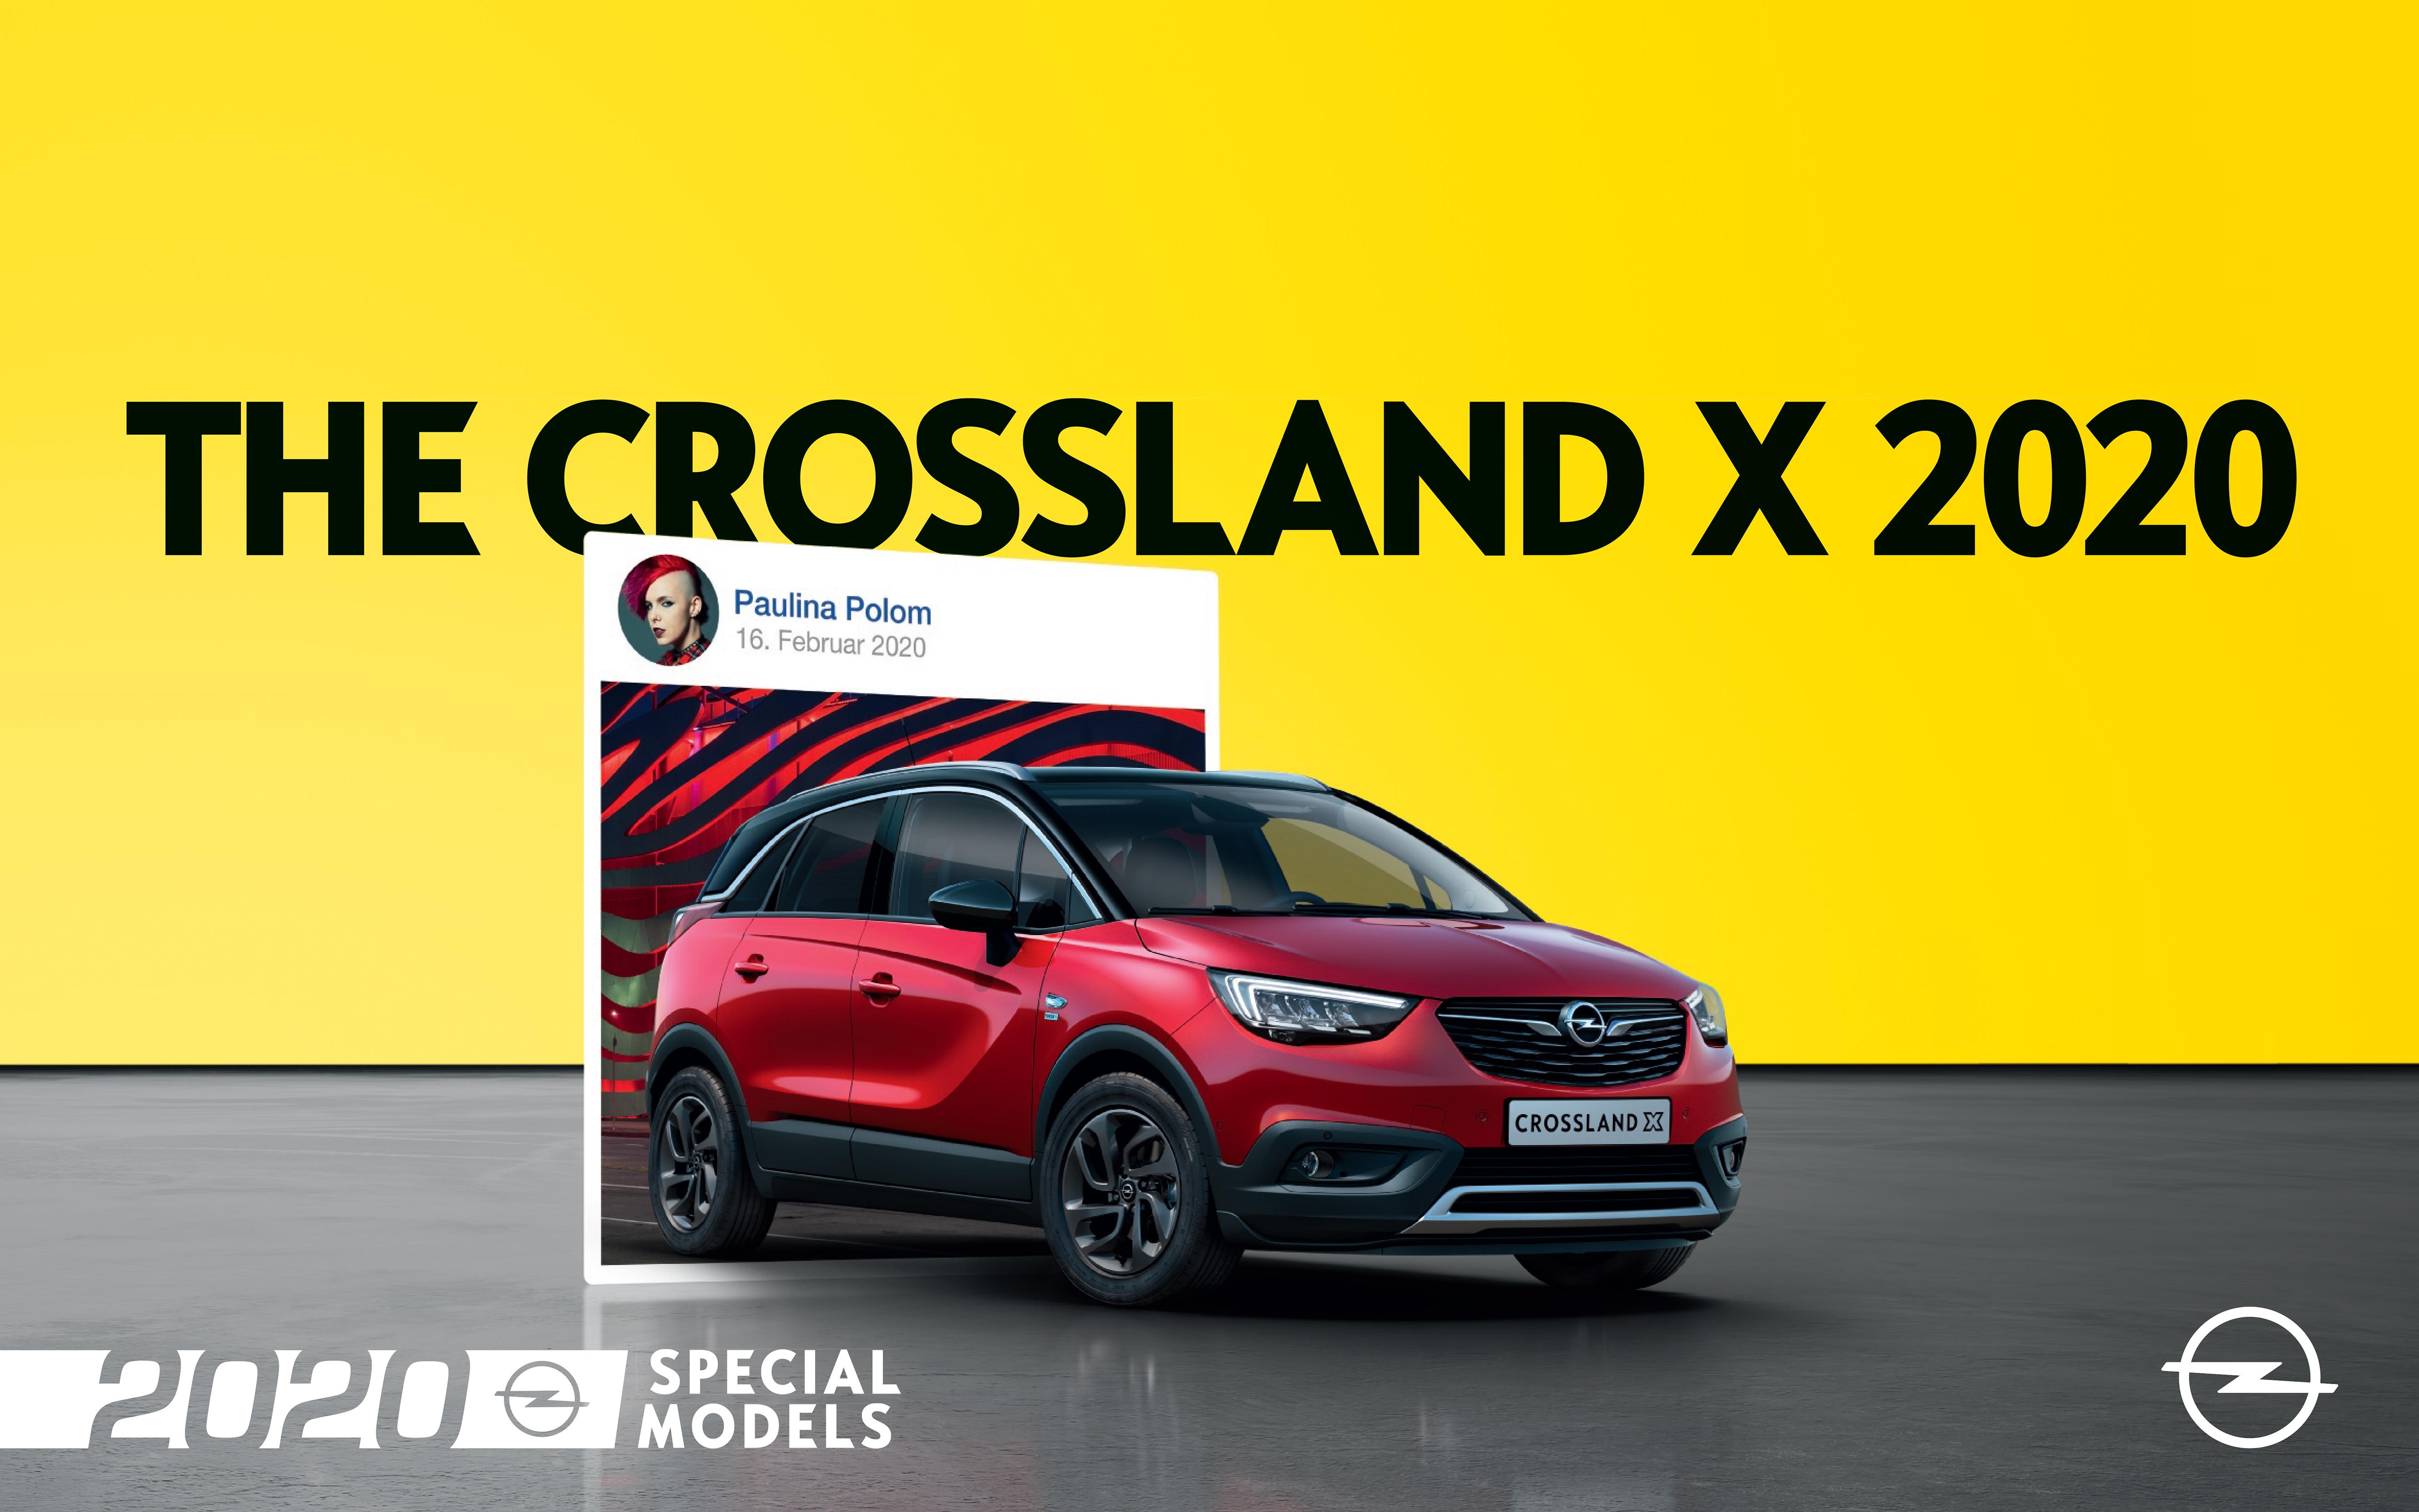 Mit Sondermodellen Opel 2020 Top Ausgestattet Ins Neue Jahr Starten Opel Automobile Gmbh Pressemitteilung Lifepr